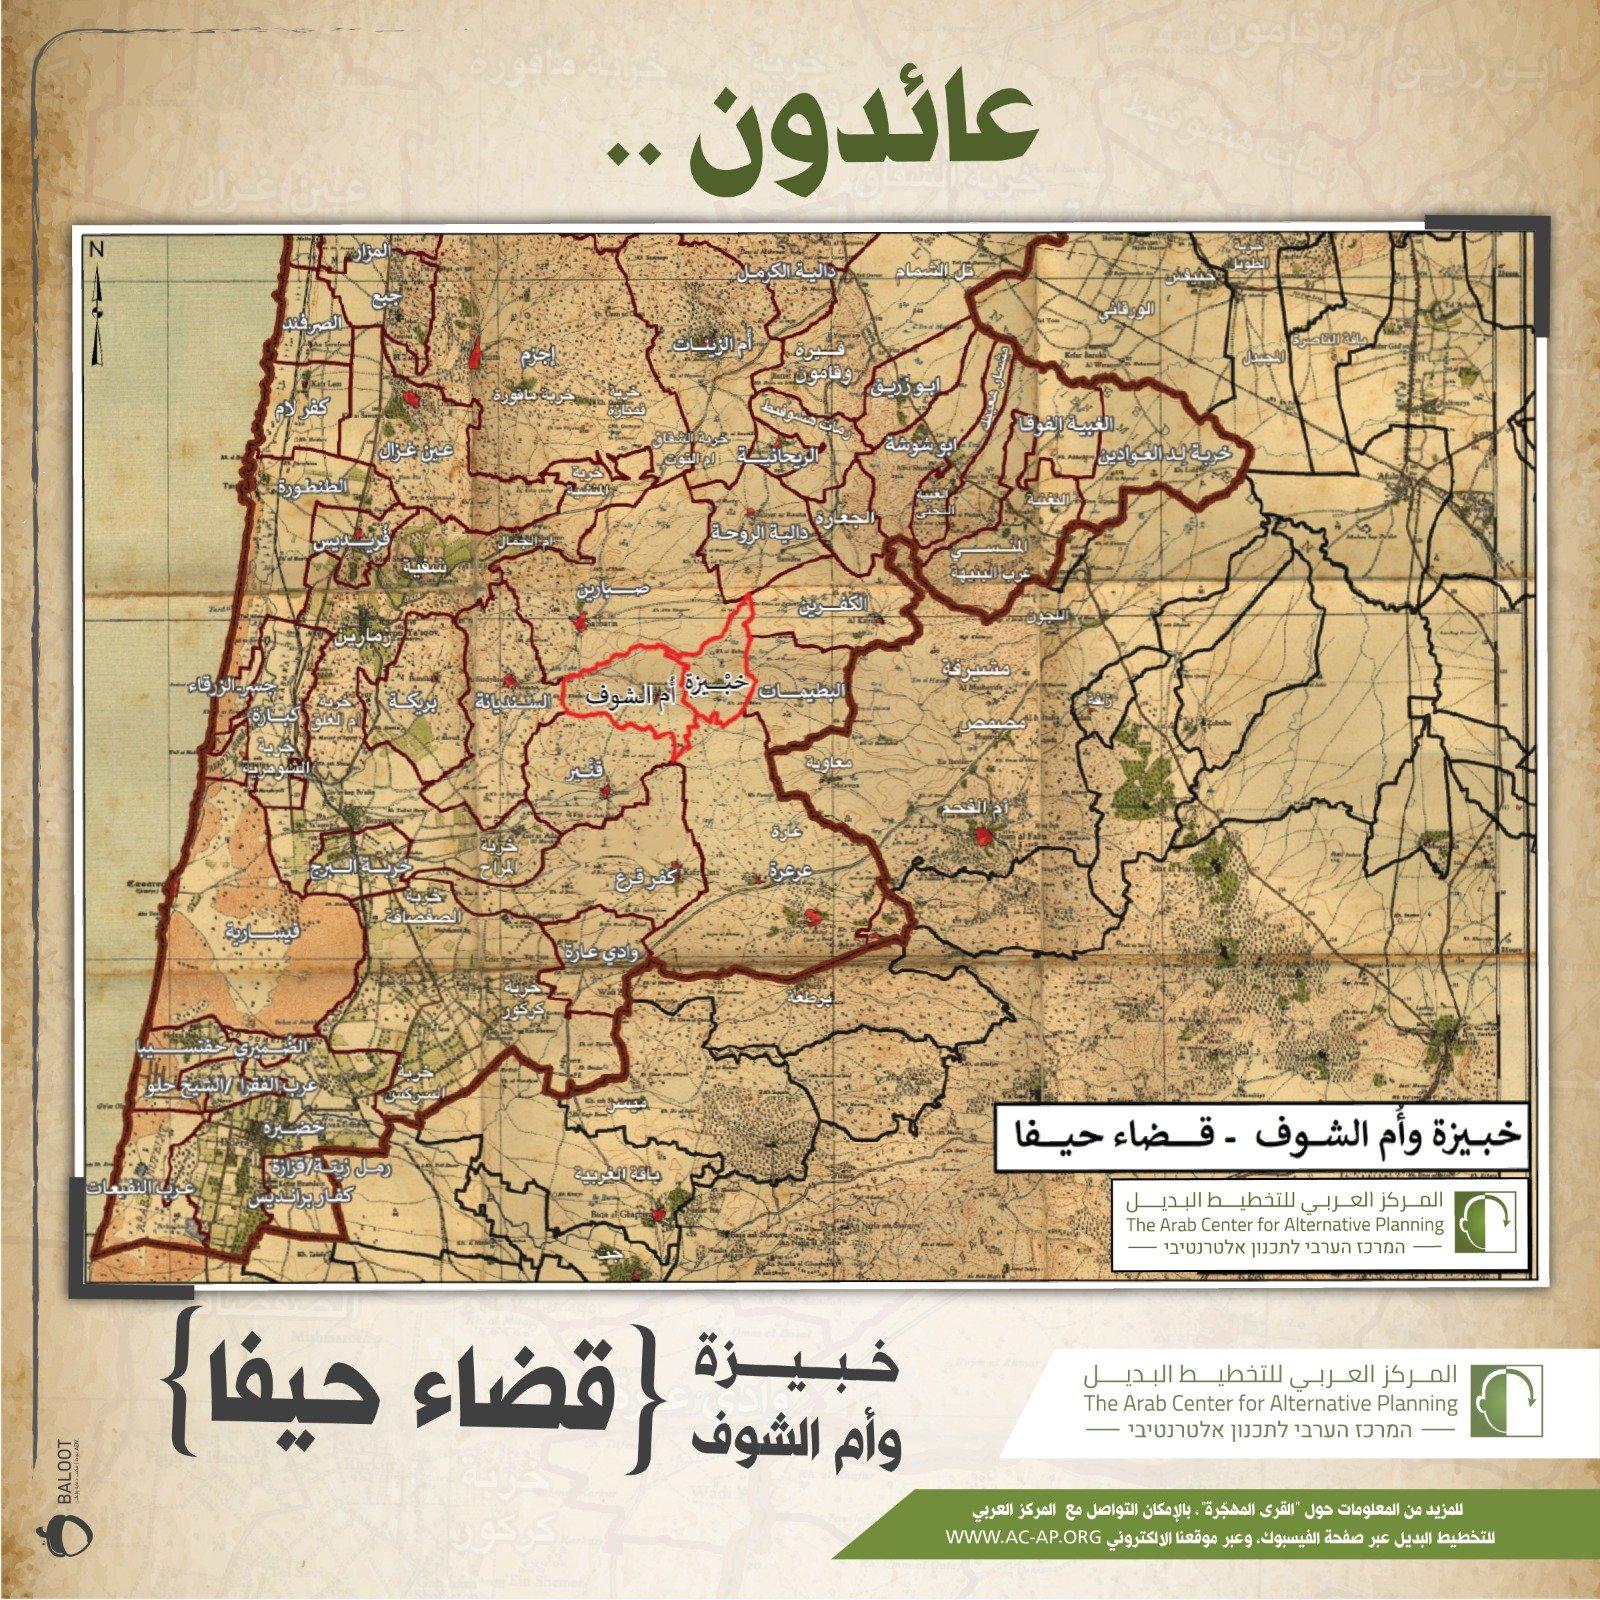 المركز العربي للتخطيط البديل ينشر خارطة عائدون الى خبيزة وام الشوف